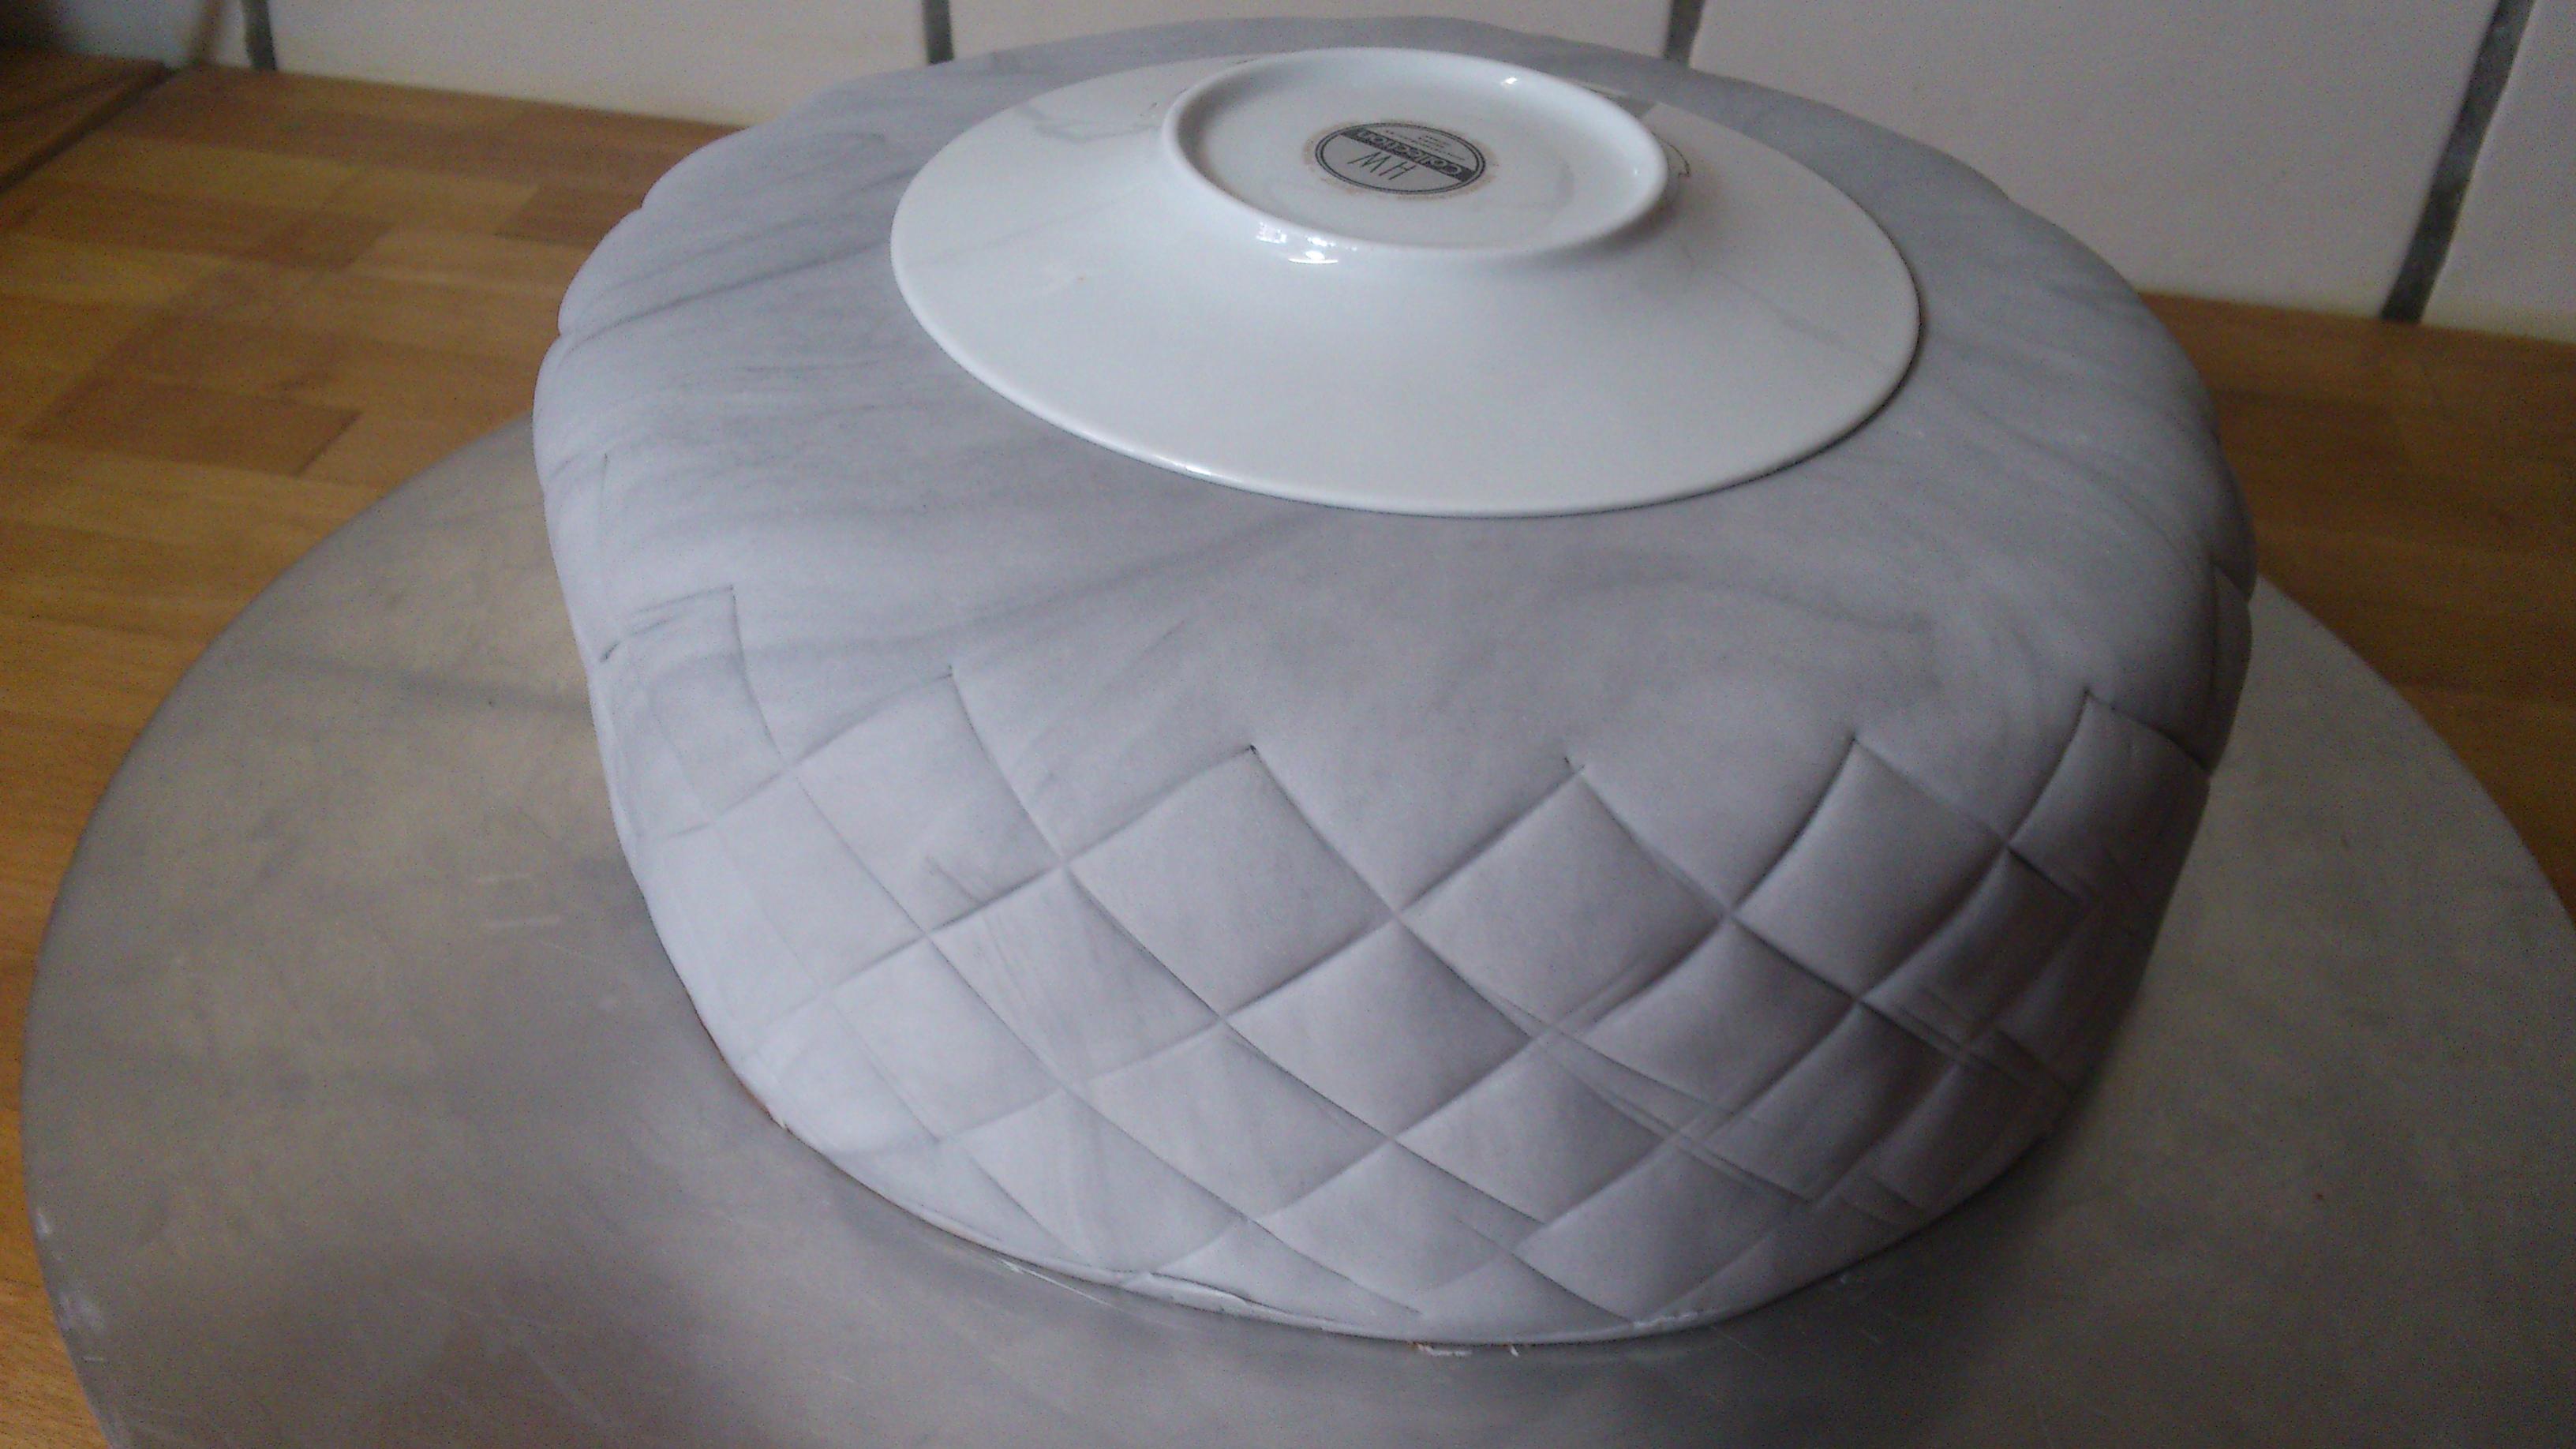 Bmw kuchen bestellen appetitlich foto blog fur sie for Küchen bestellen